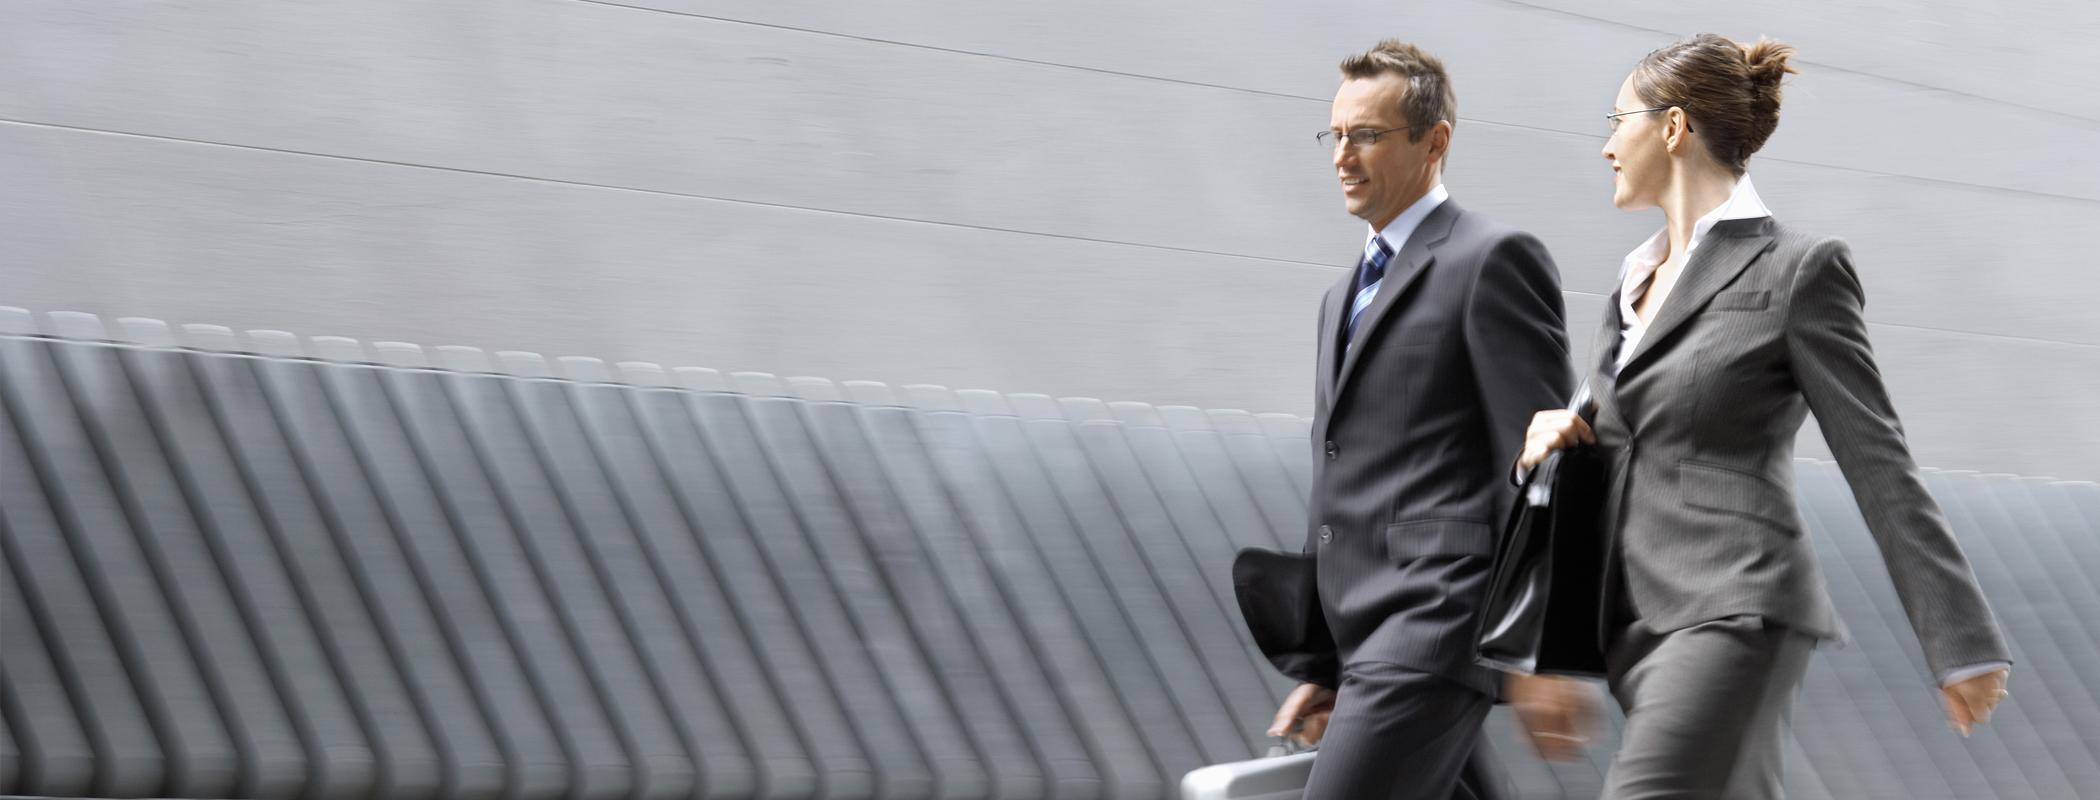 Grub Brugger Juristische Beratung